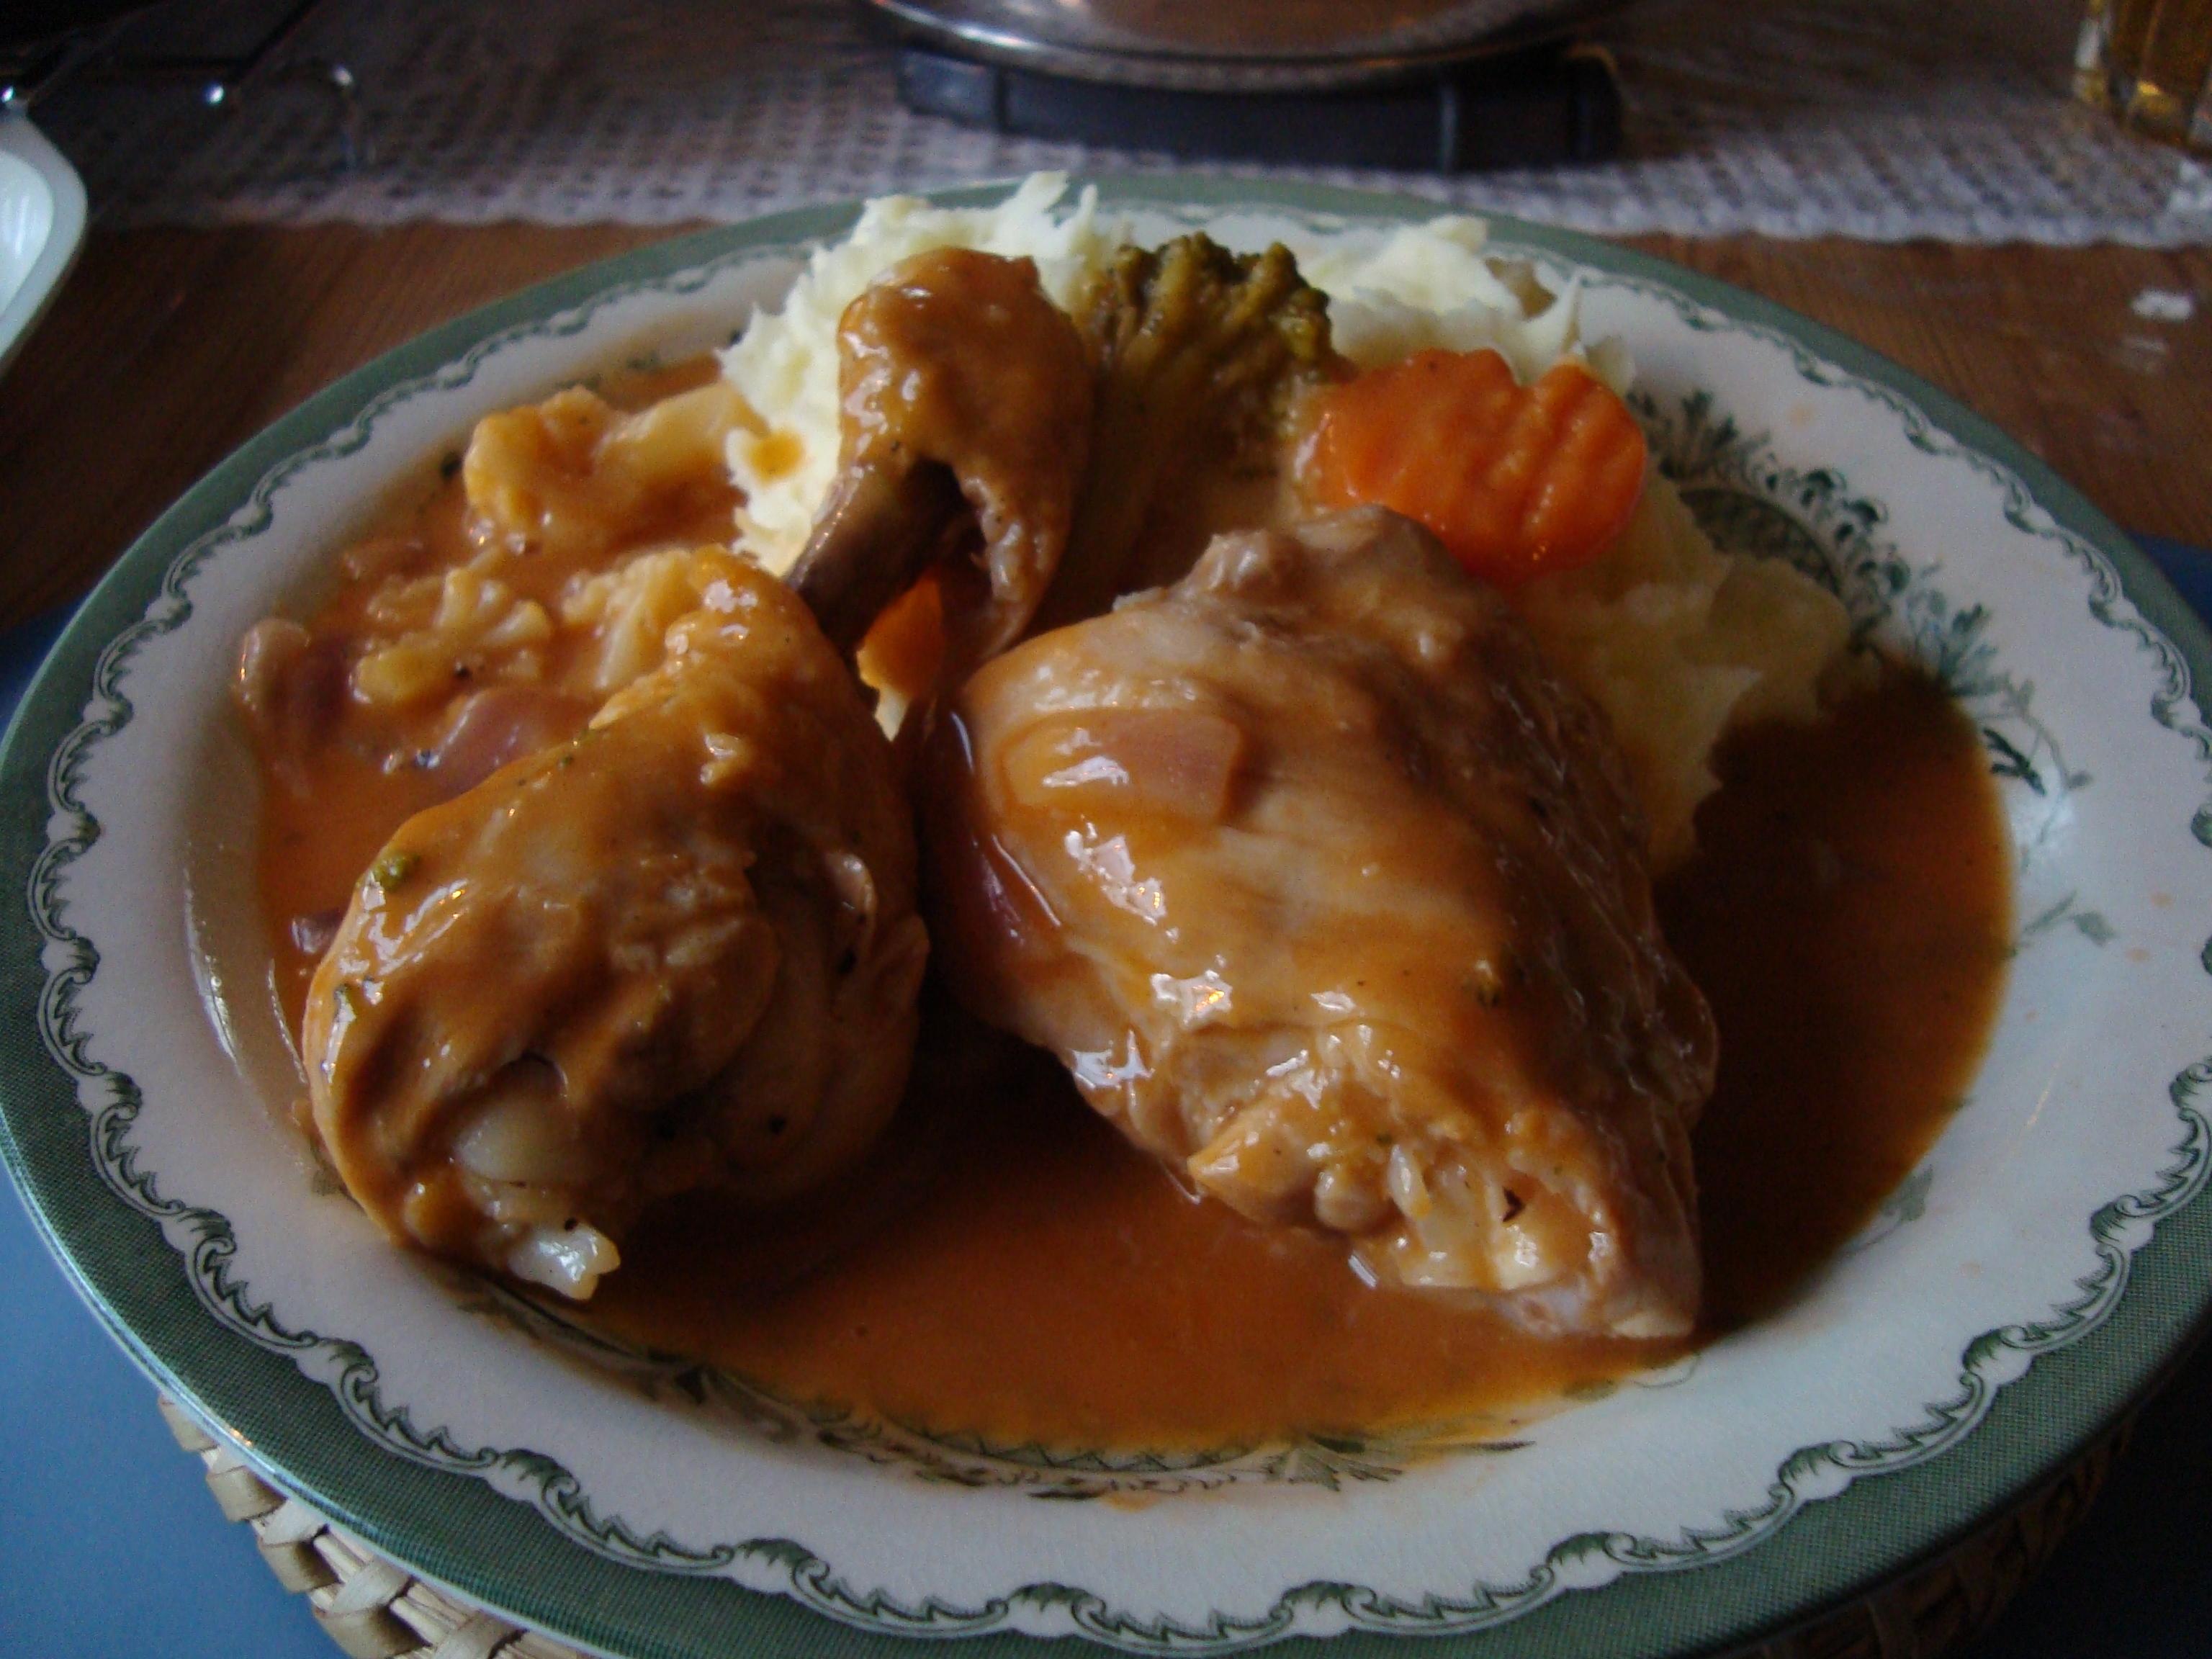 Mustig kyckling..